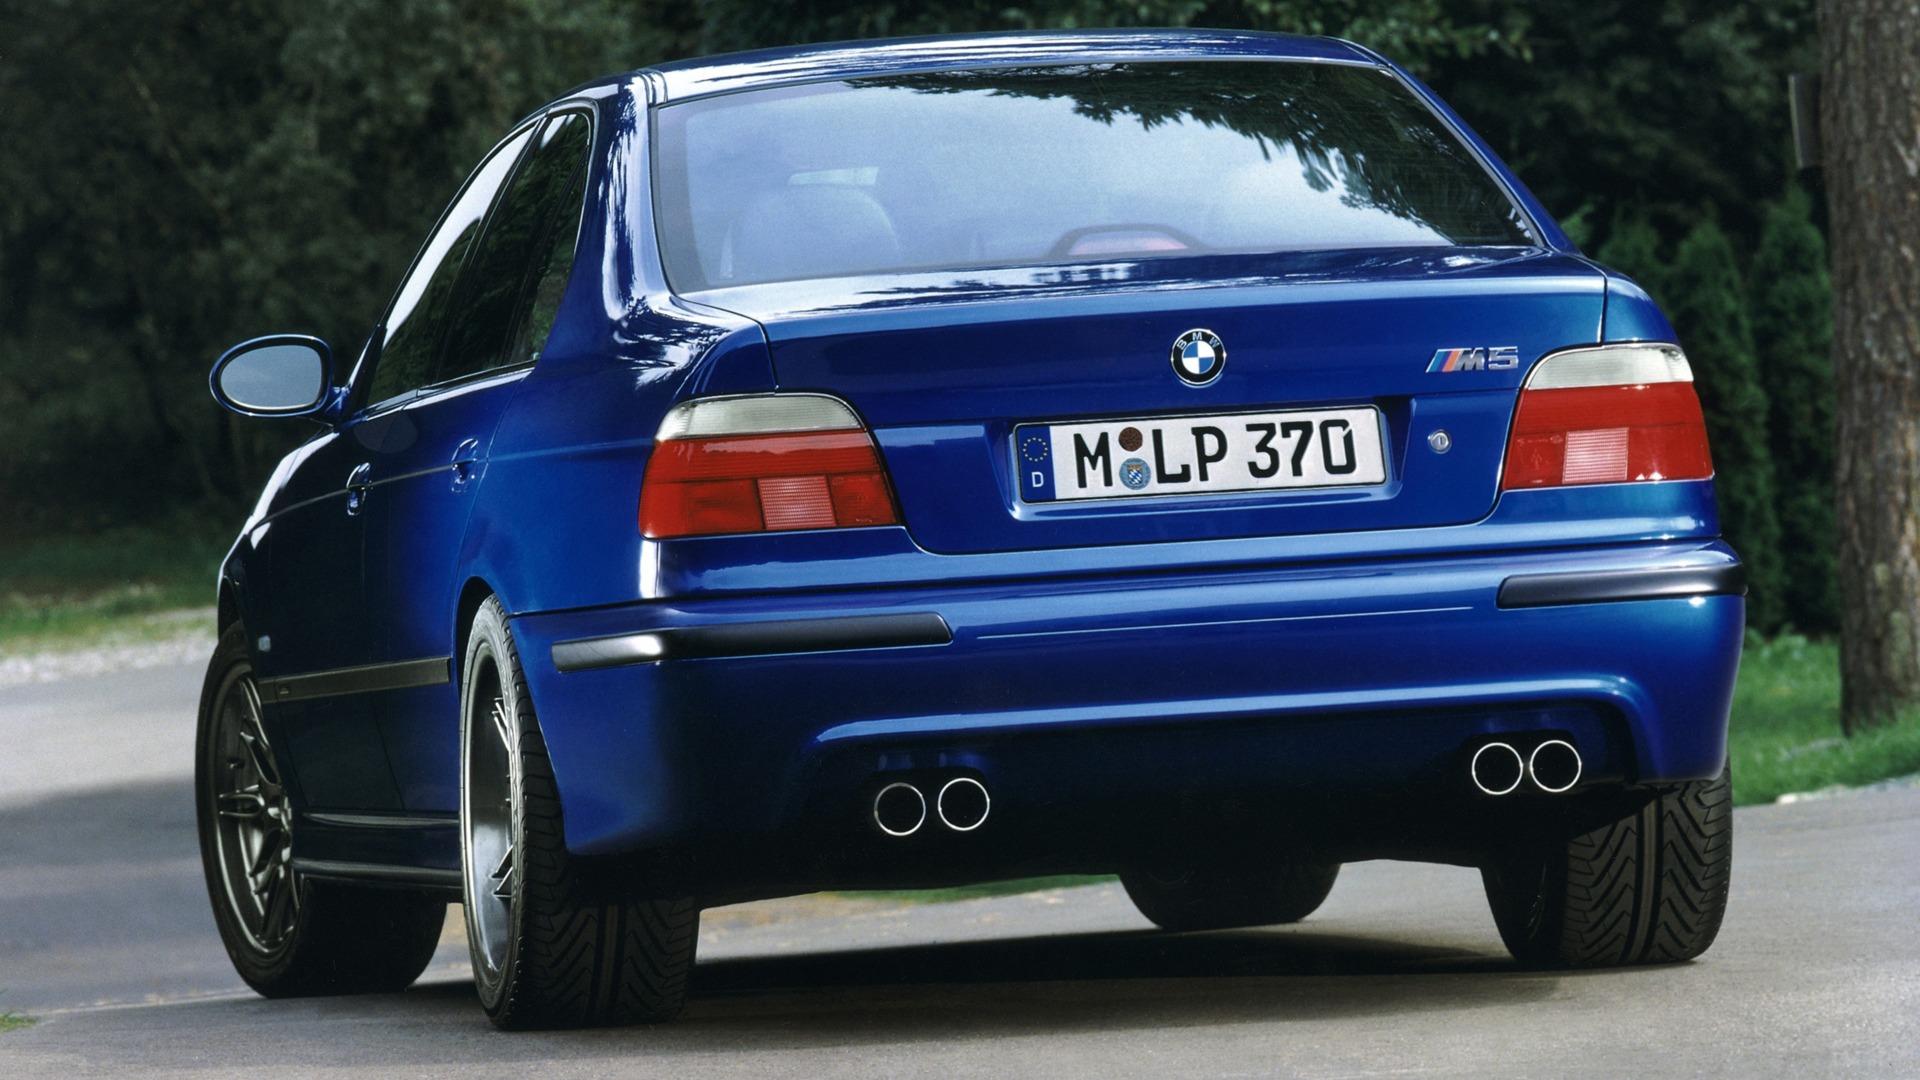 BMW M5 E39 HD wallpaper #5 - 1920x1080 Wallpaper Download ...